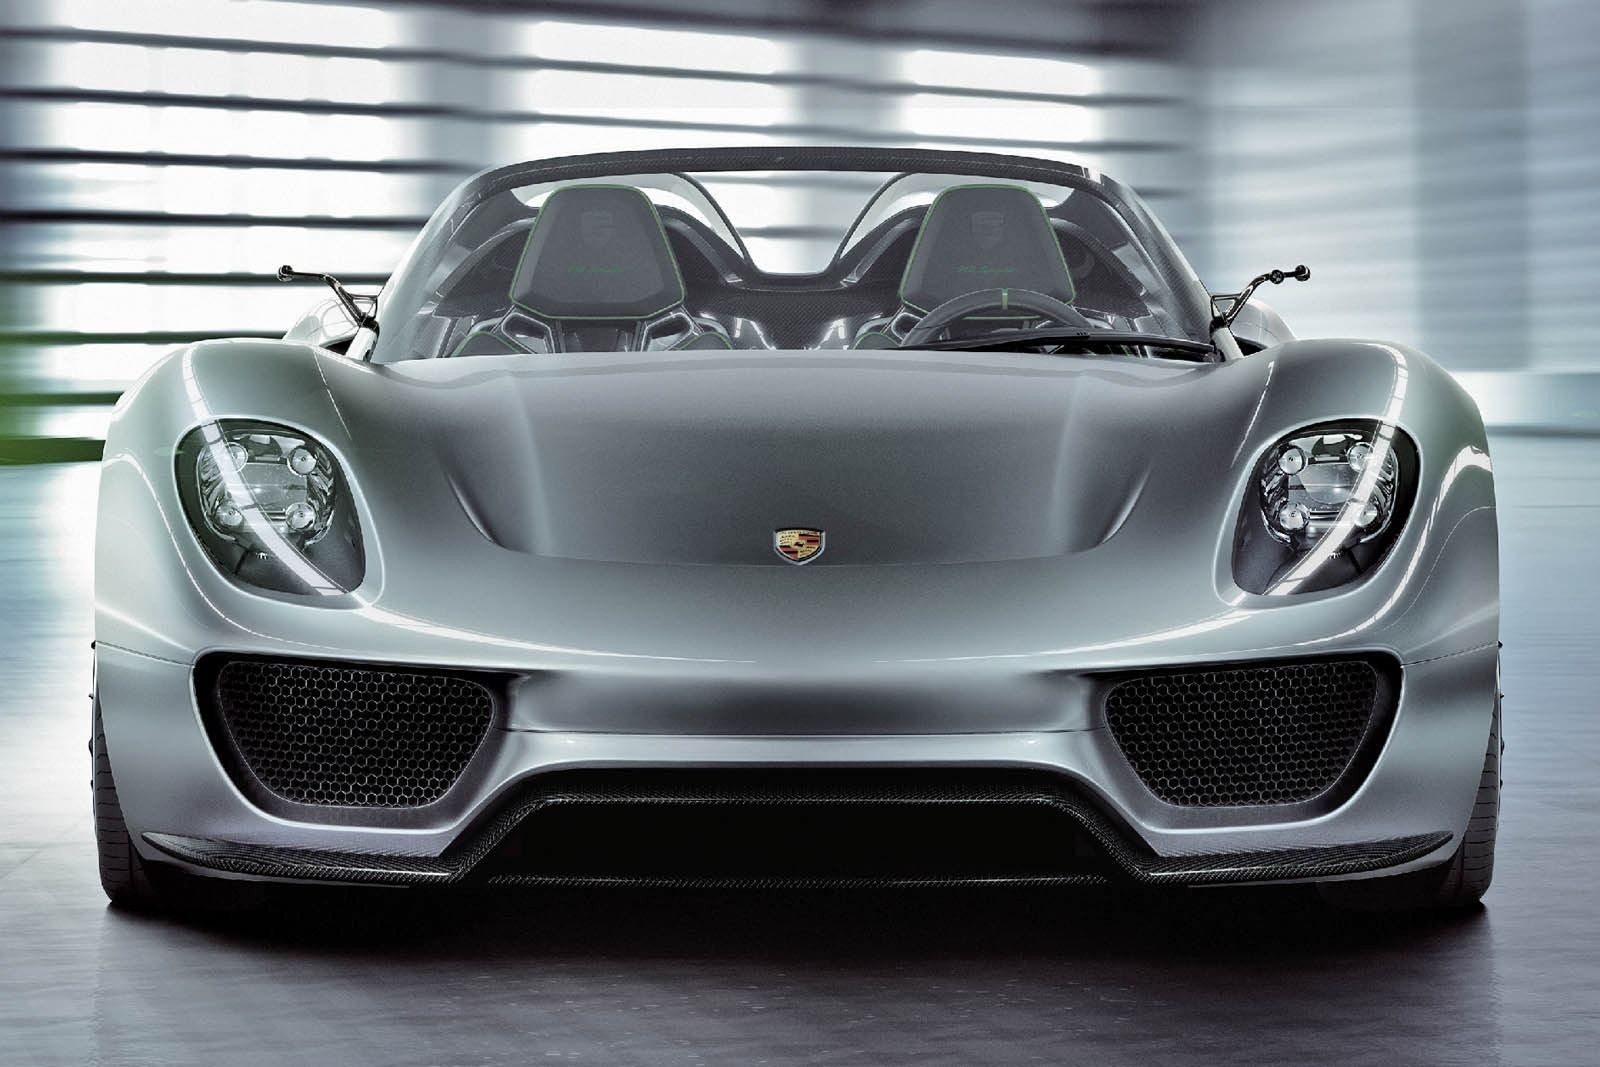 porsche 918 spyder black front google search - Porsche Spyder 918 Black